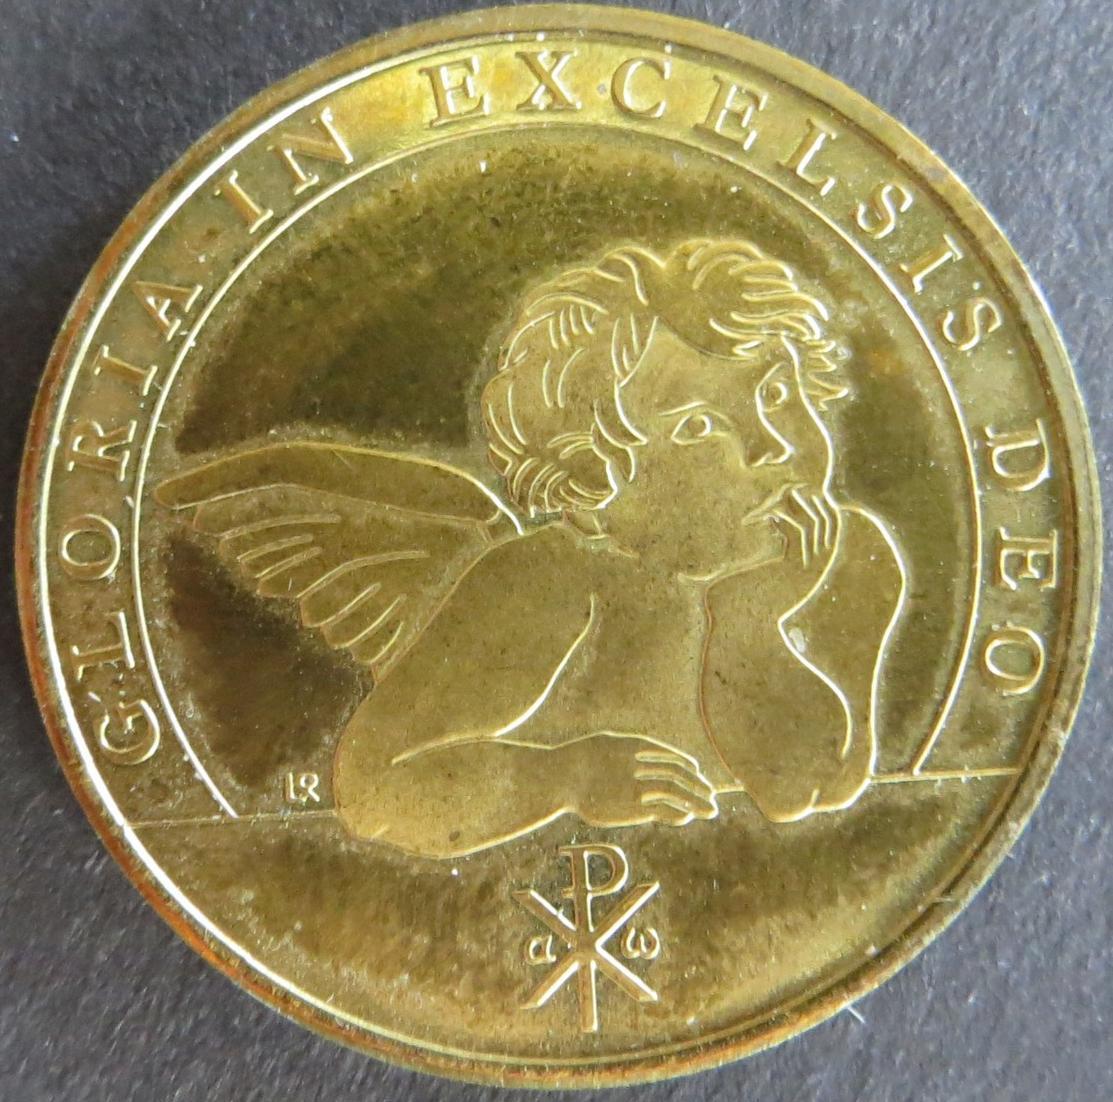 Medaille Deutschland ca. 1980 Weihnachtsmedaille Pax in terra 10g Bronze stgl